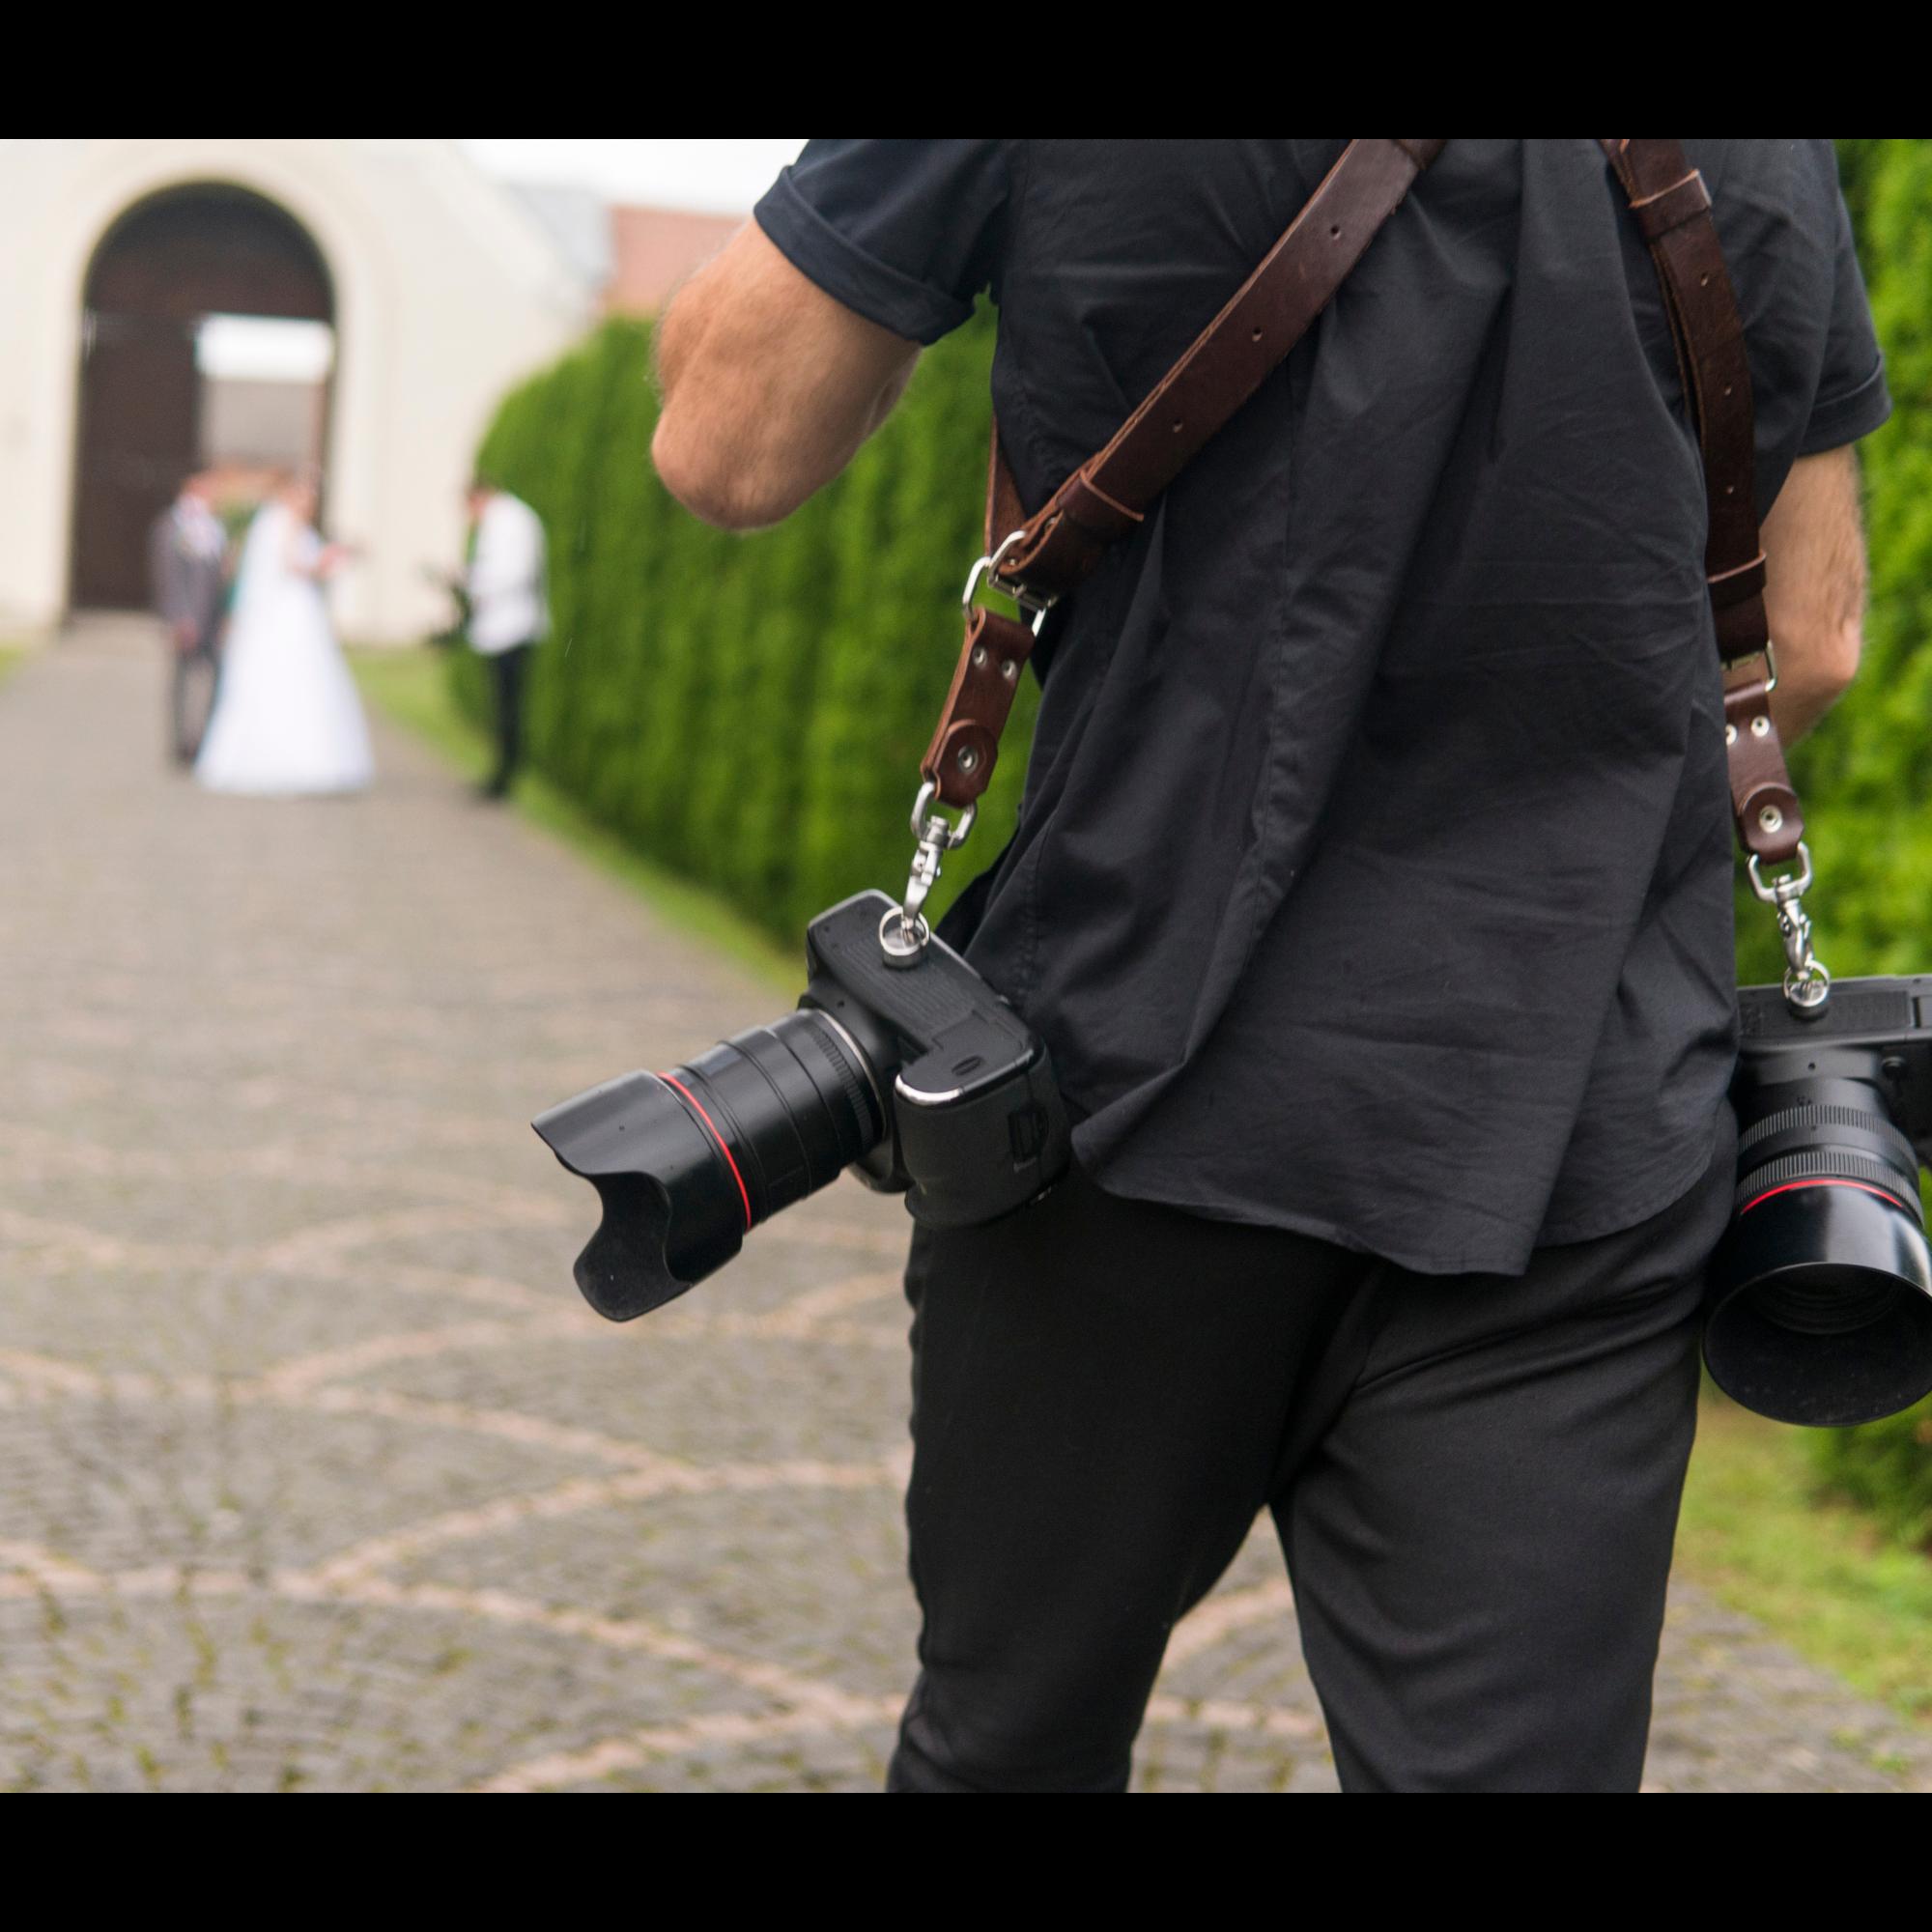 ¿Qué hay que tener en cuenta para escoger al fotógrafo de tu boda?